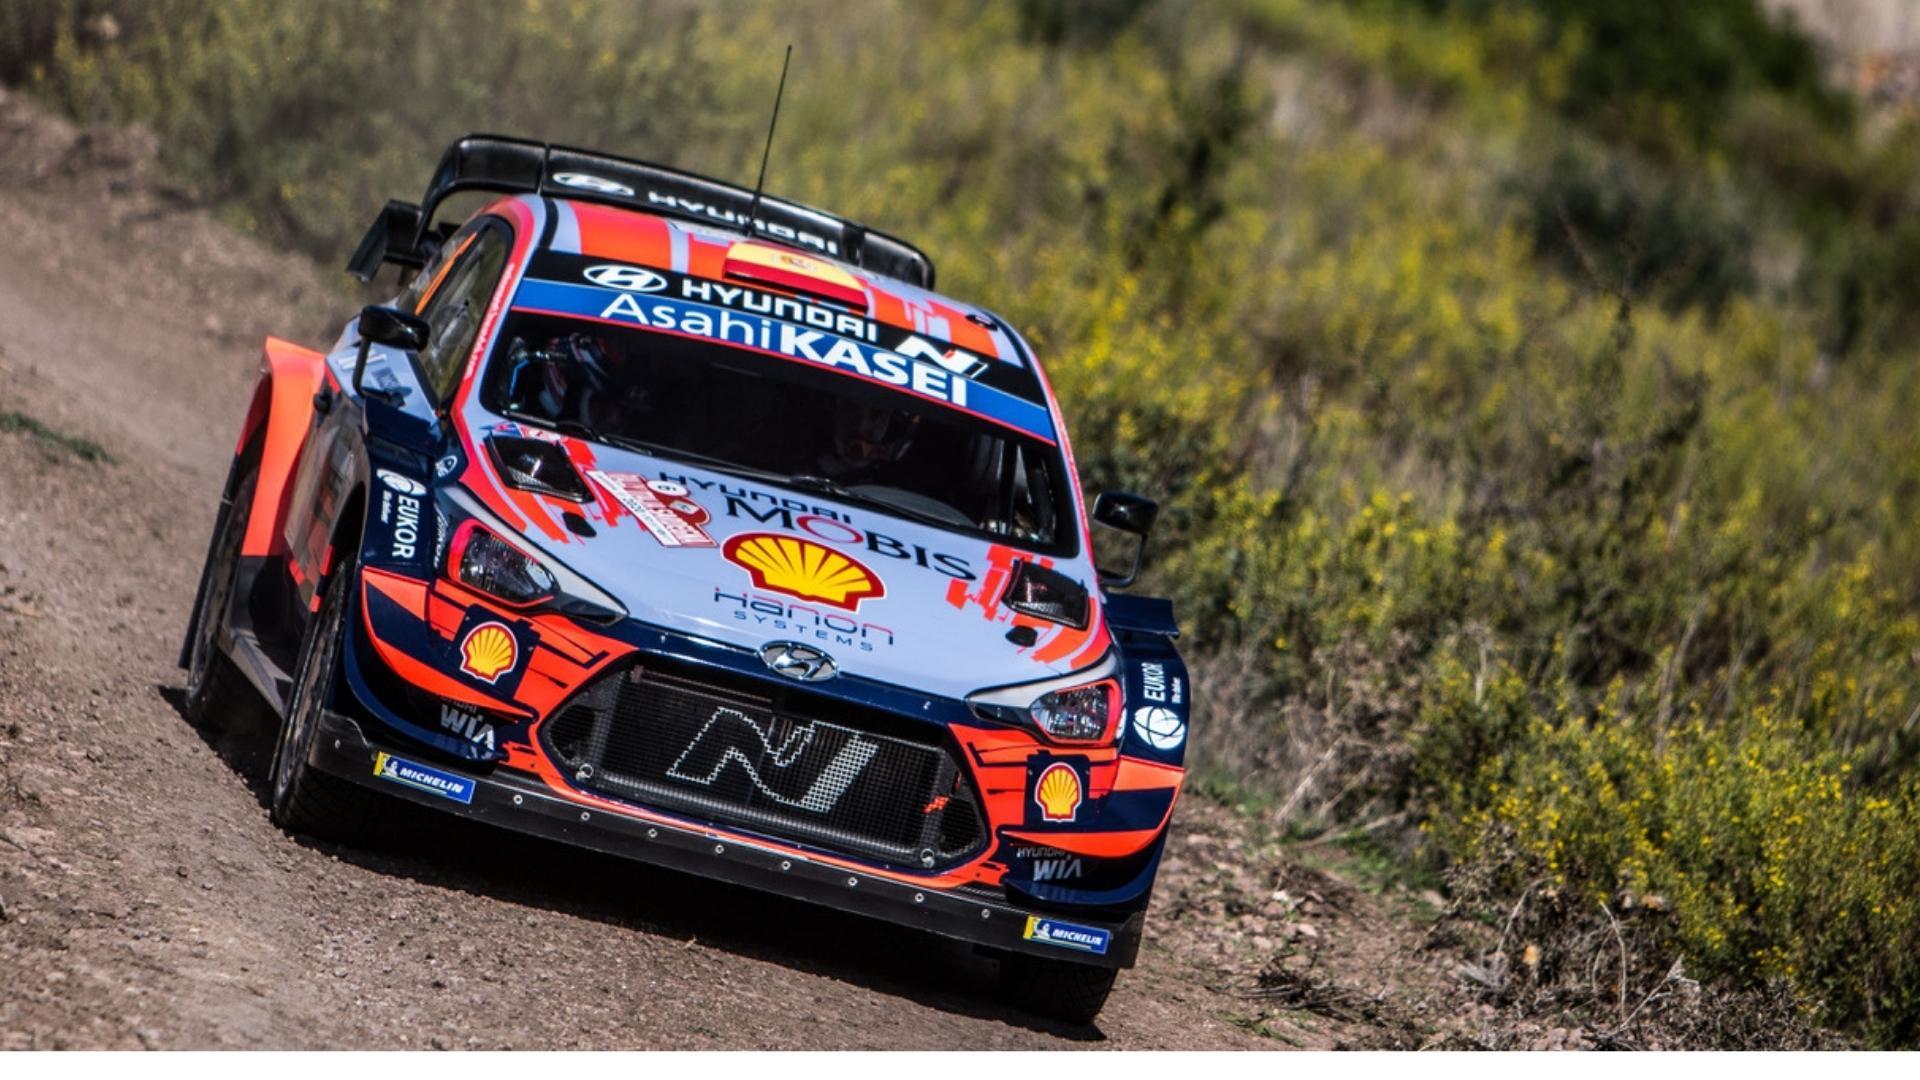 WRC: Rally d' Italia - Sardegna [8-10 Octubre] - Página 2 091020_SordoSS1